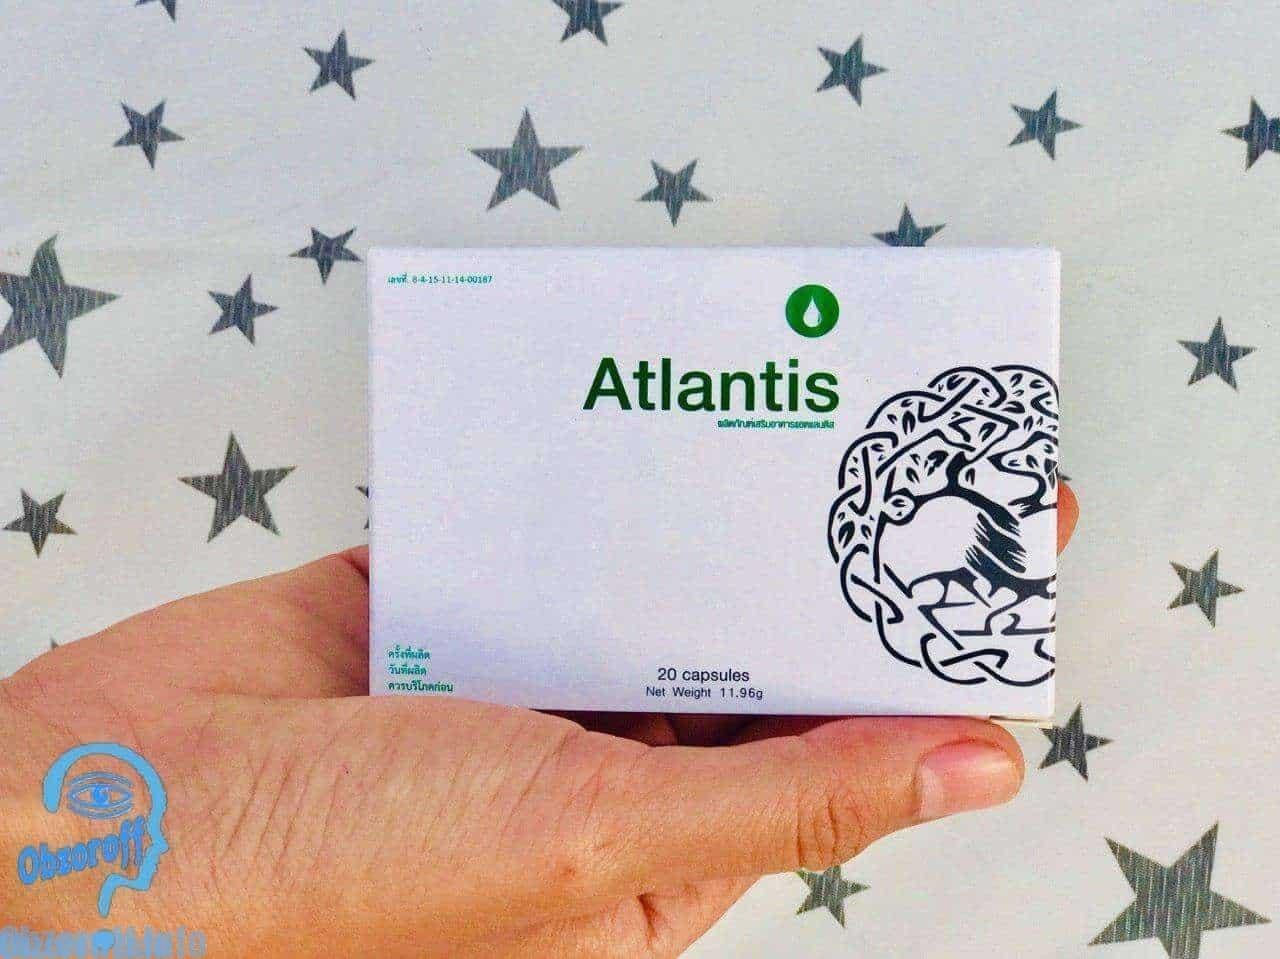 ผลิตภัณฑ์ชนิดแคปซูล Atlantis สำหรับรักษาโรคต่อมลูกหมากอักเสบ